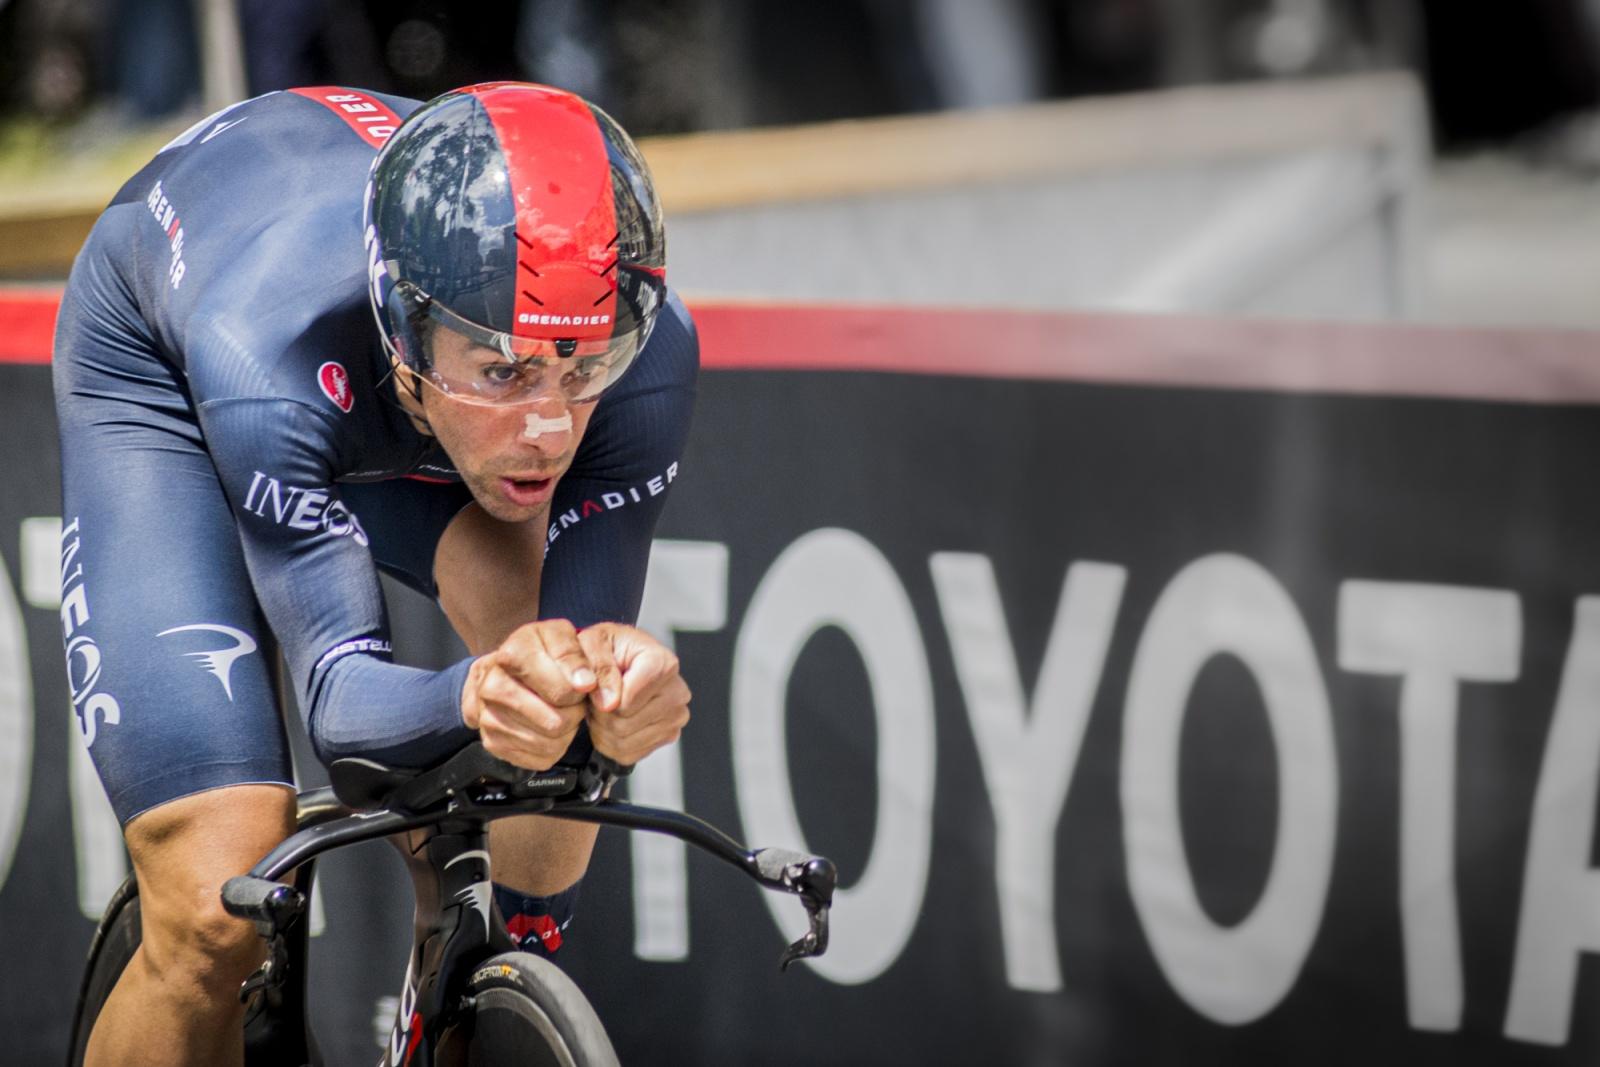 Prima tappa del giro d'Italia 2021,Torino, cronometro individuale